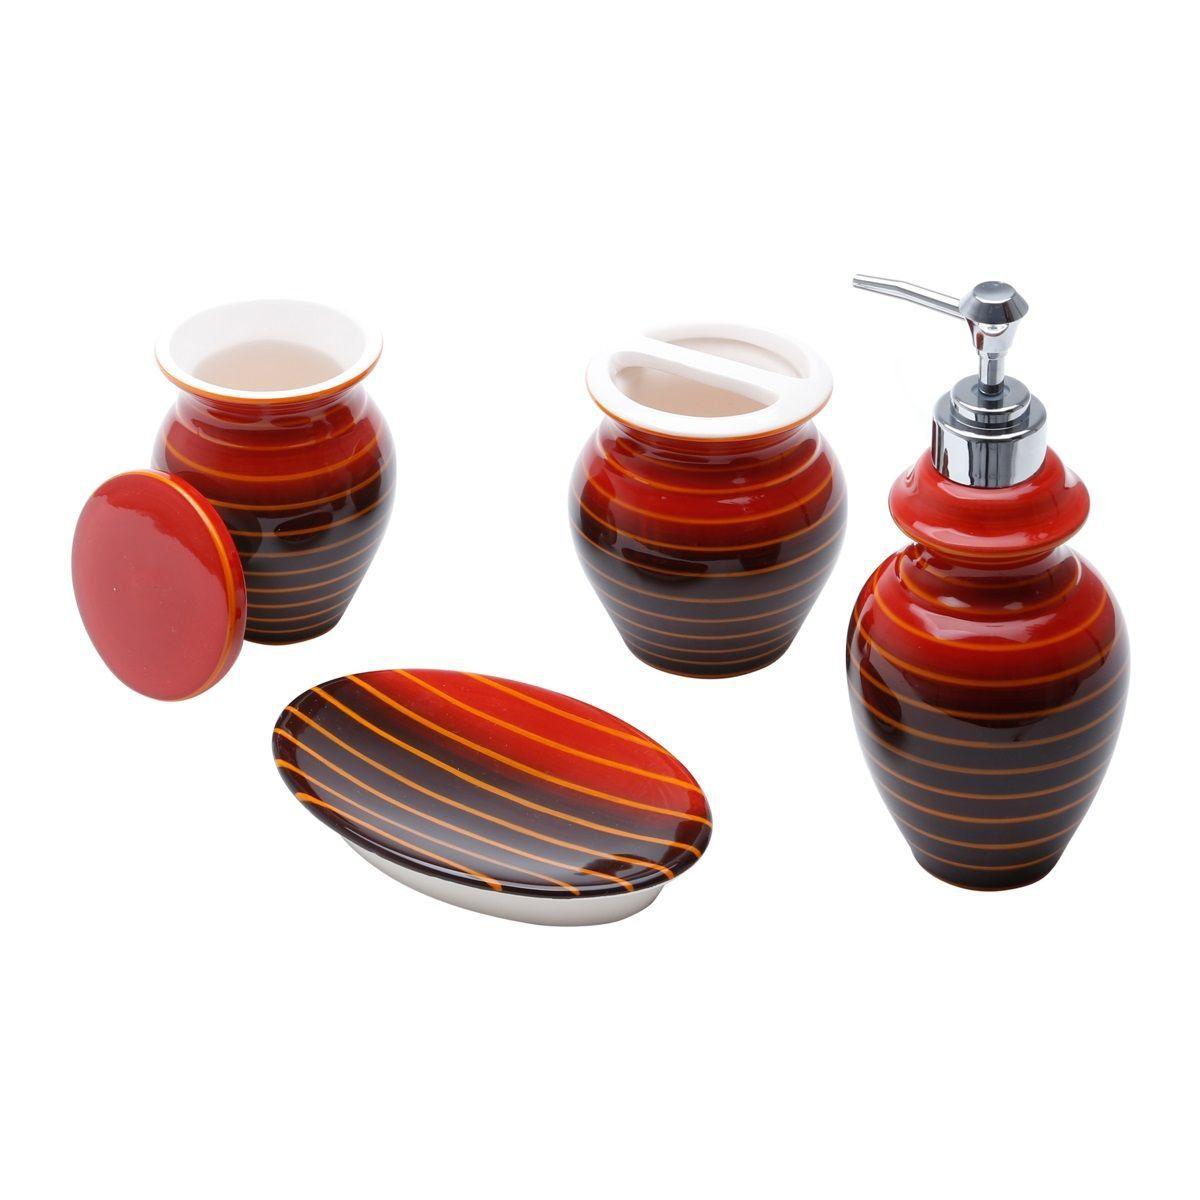 Jogo 4 peças para banheiro de cerâmica vermelho e preto Vertigo  Prestige - 25732